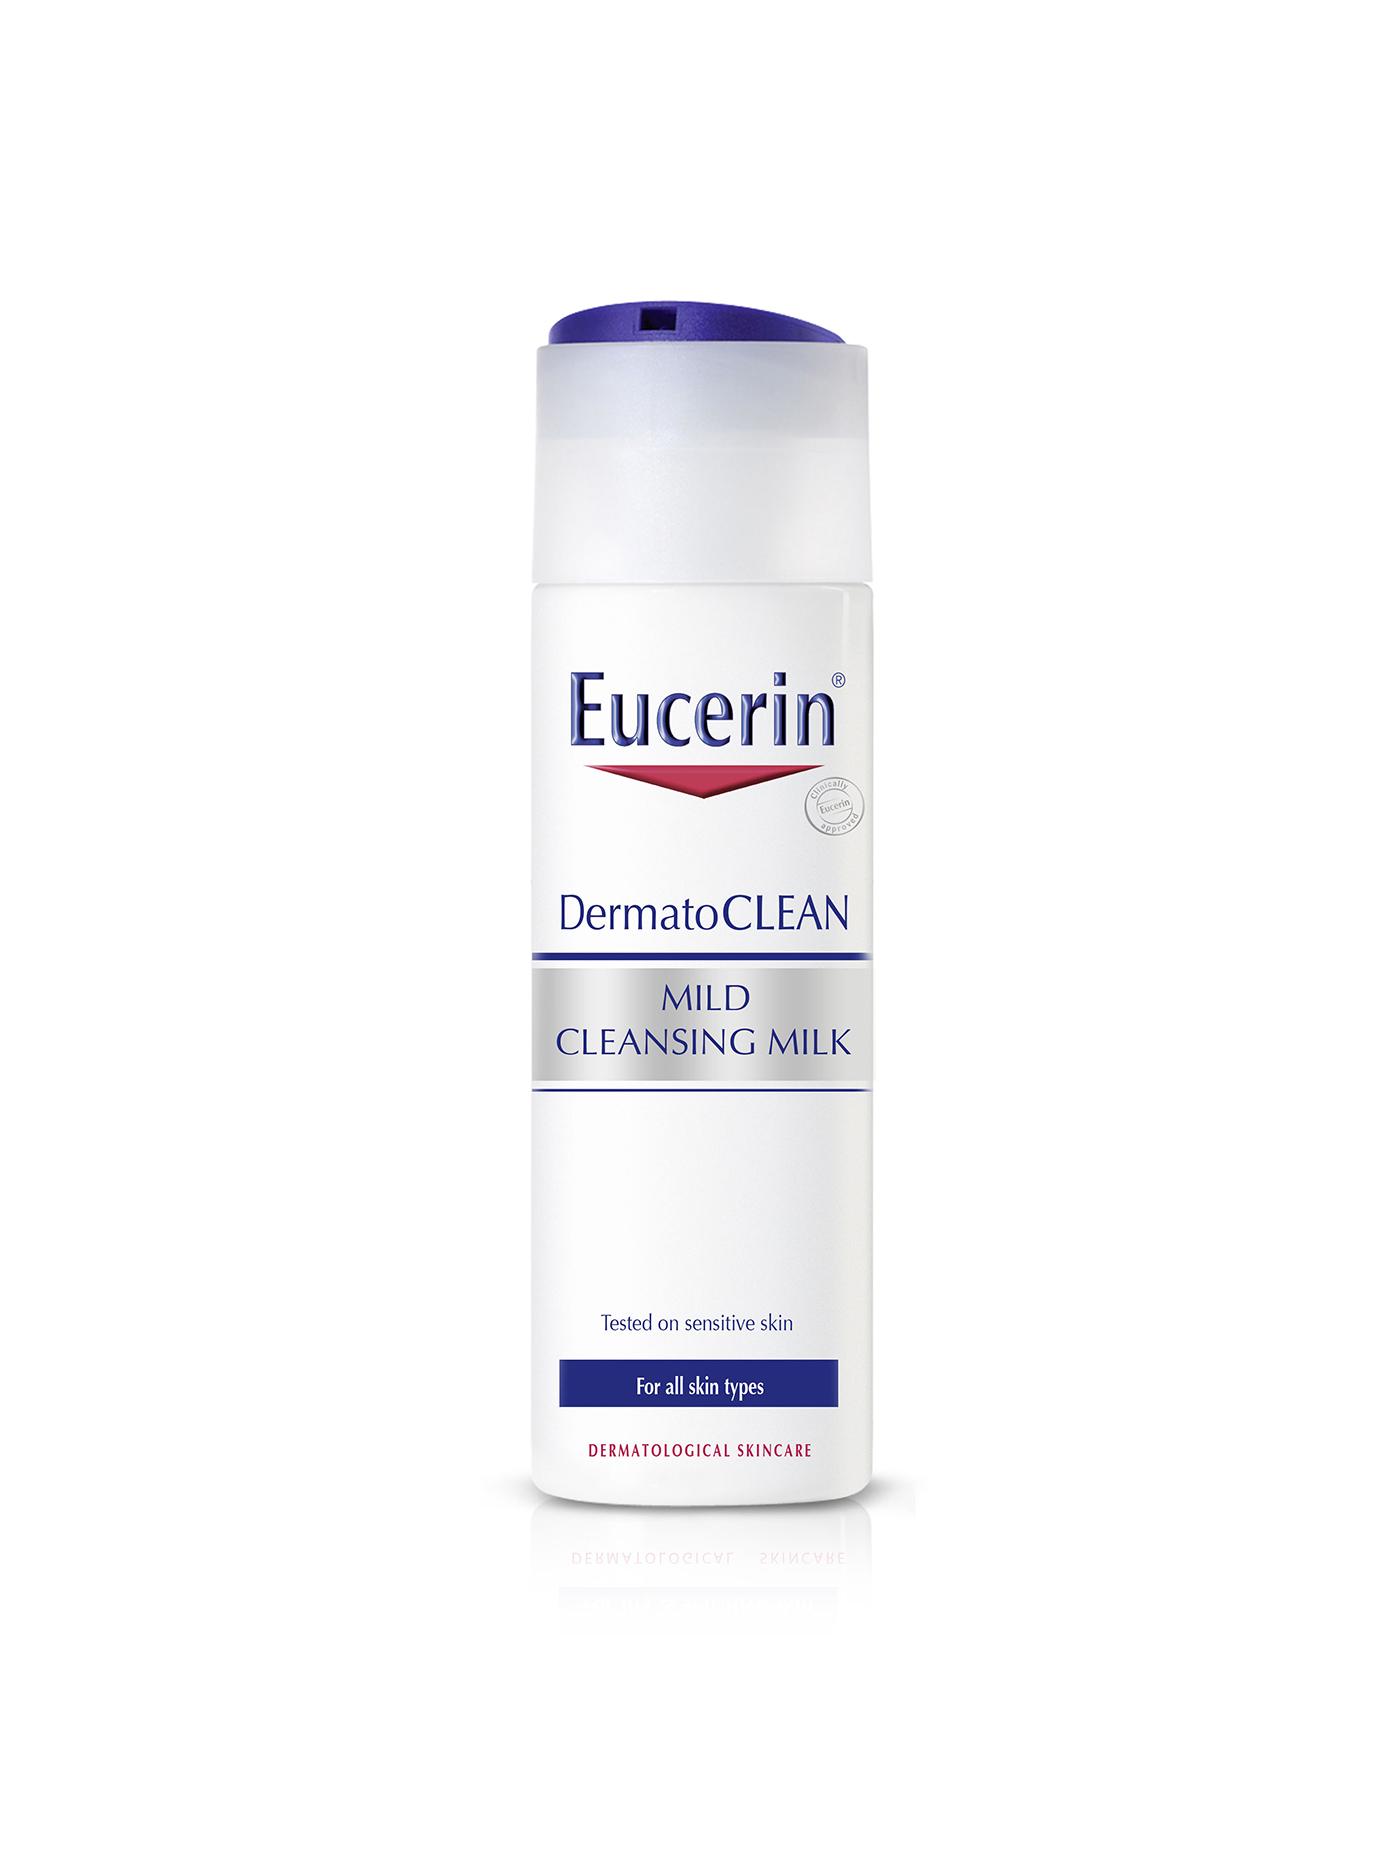 EUCERIN ผลิตภัณฑ์ขจัดคราบเครื่องสำอาง คลีนซิ่ง มิลค์ เดอร์มาโทคลีน มายด์ ขนาด 200 มล.